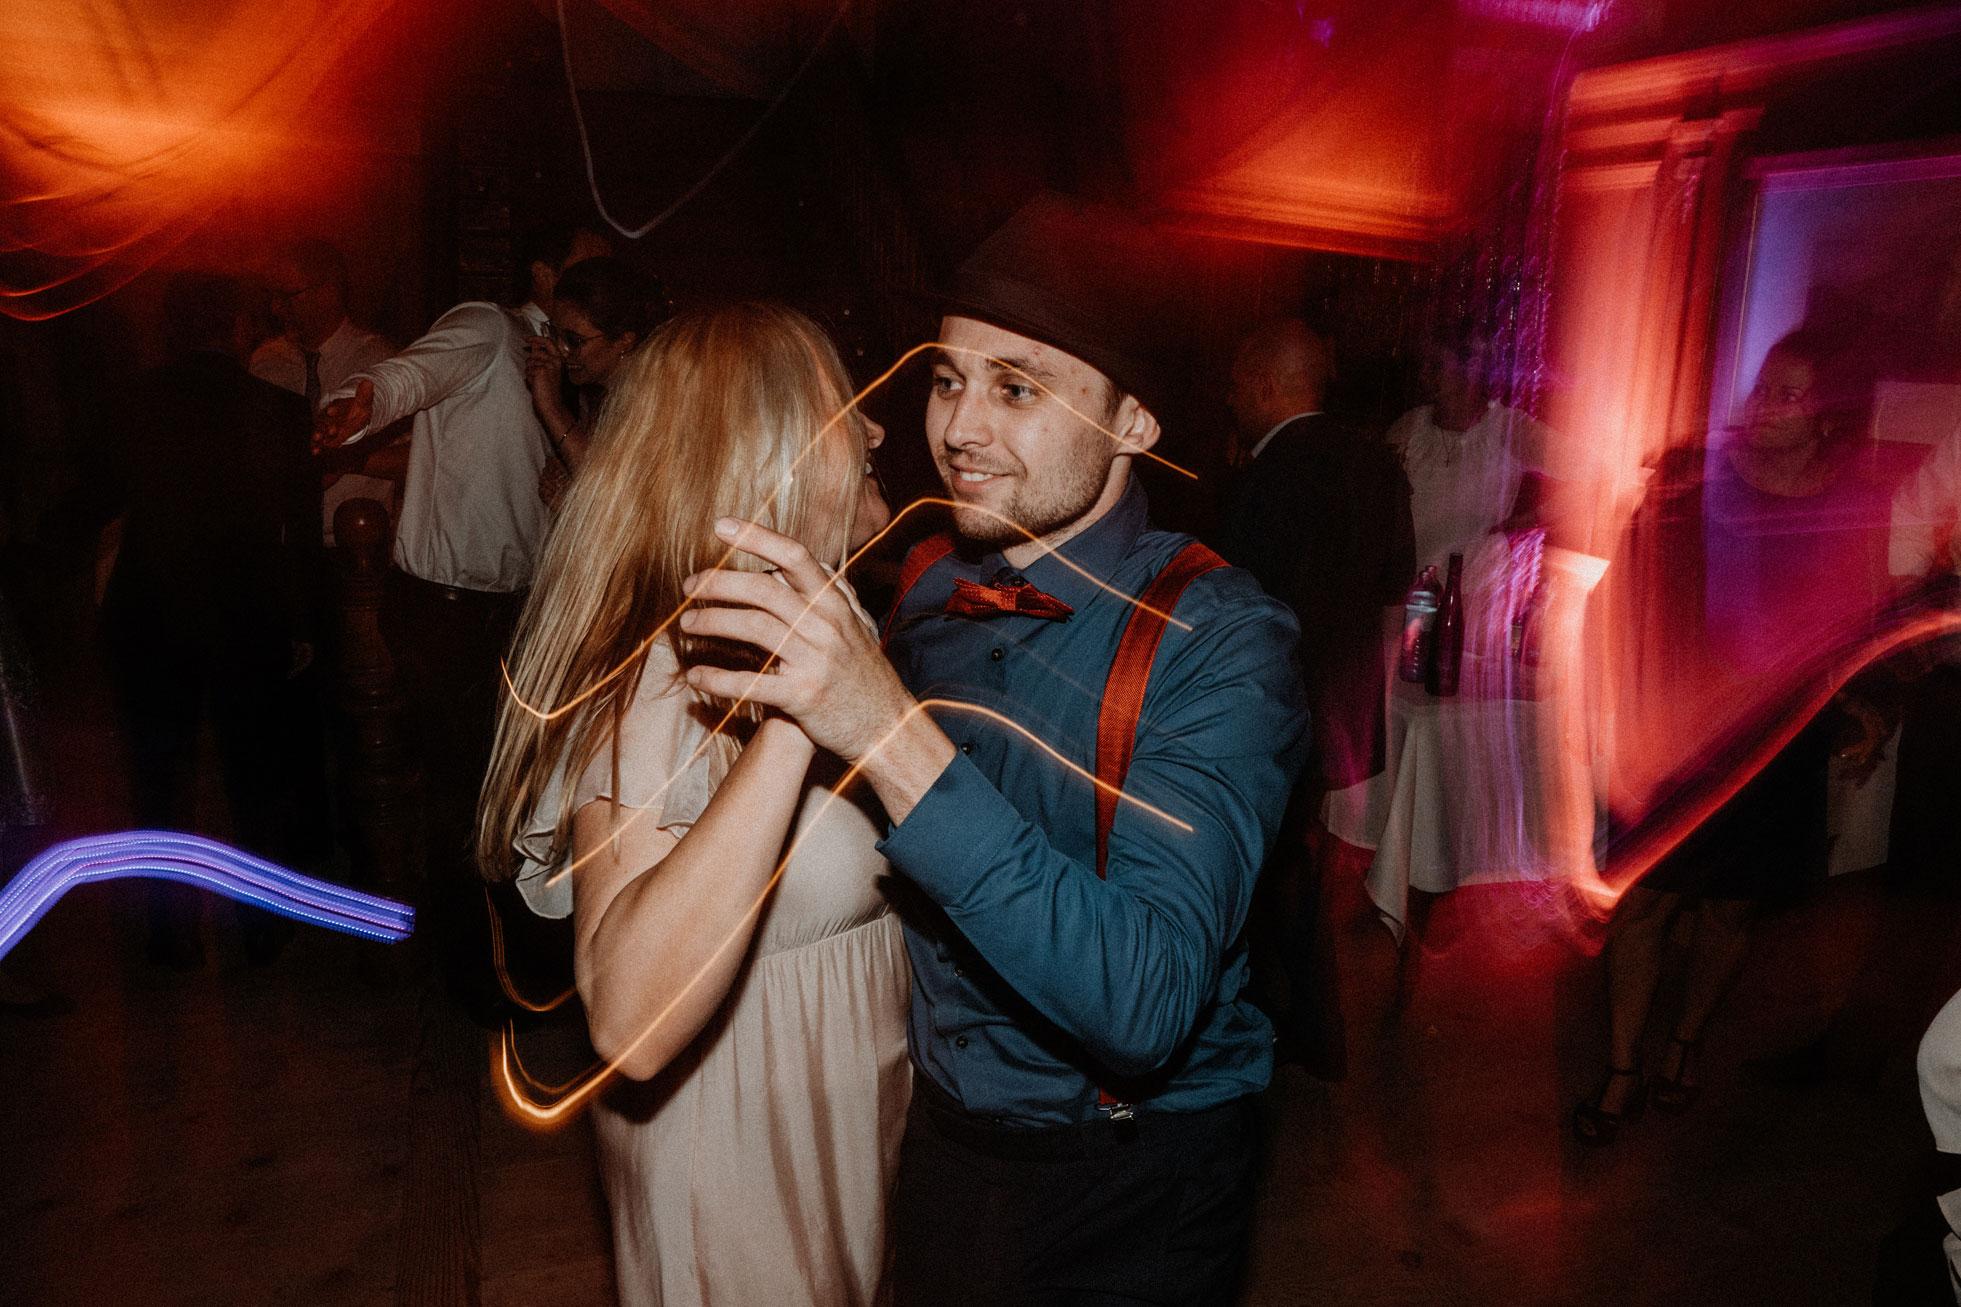 Hochzeit_Claire_Manuel_Villa_Maund_Daniel_Jenny-669.jpg